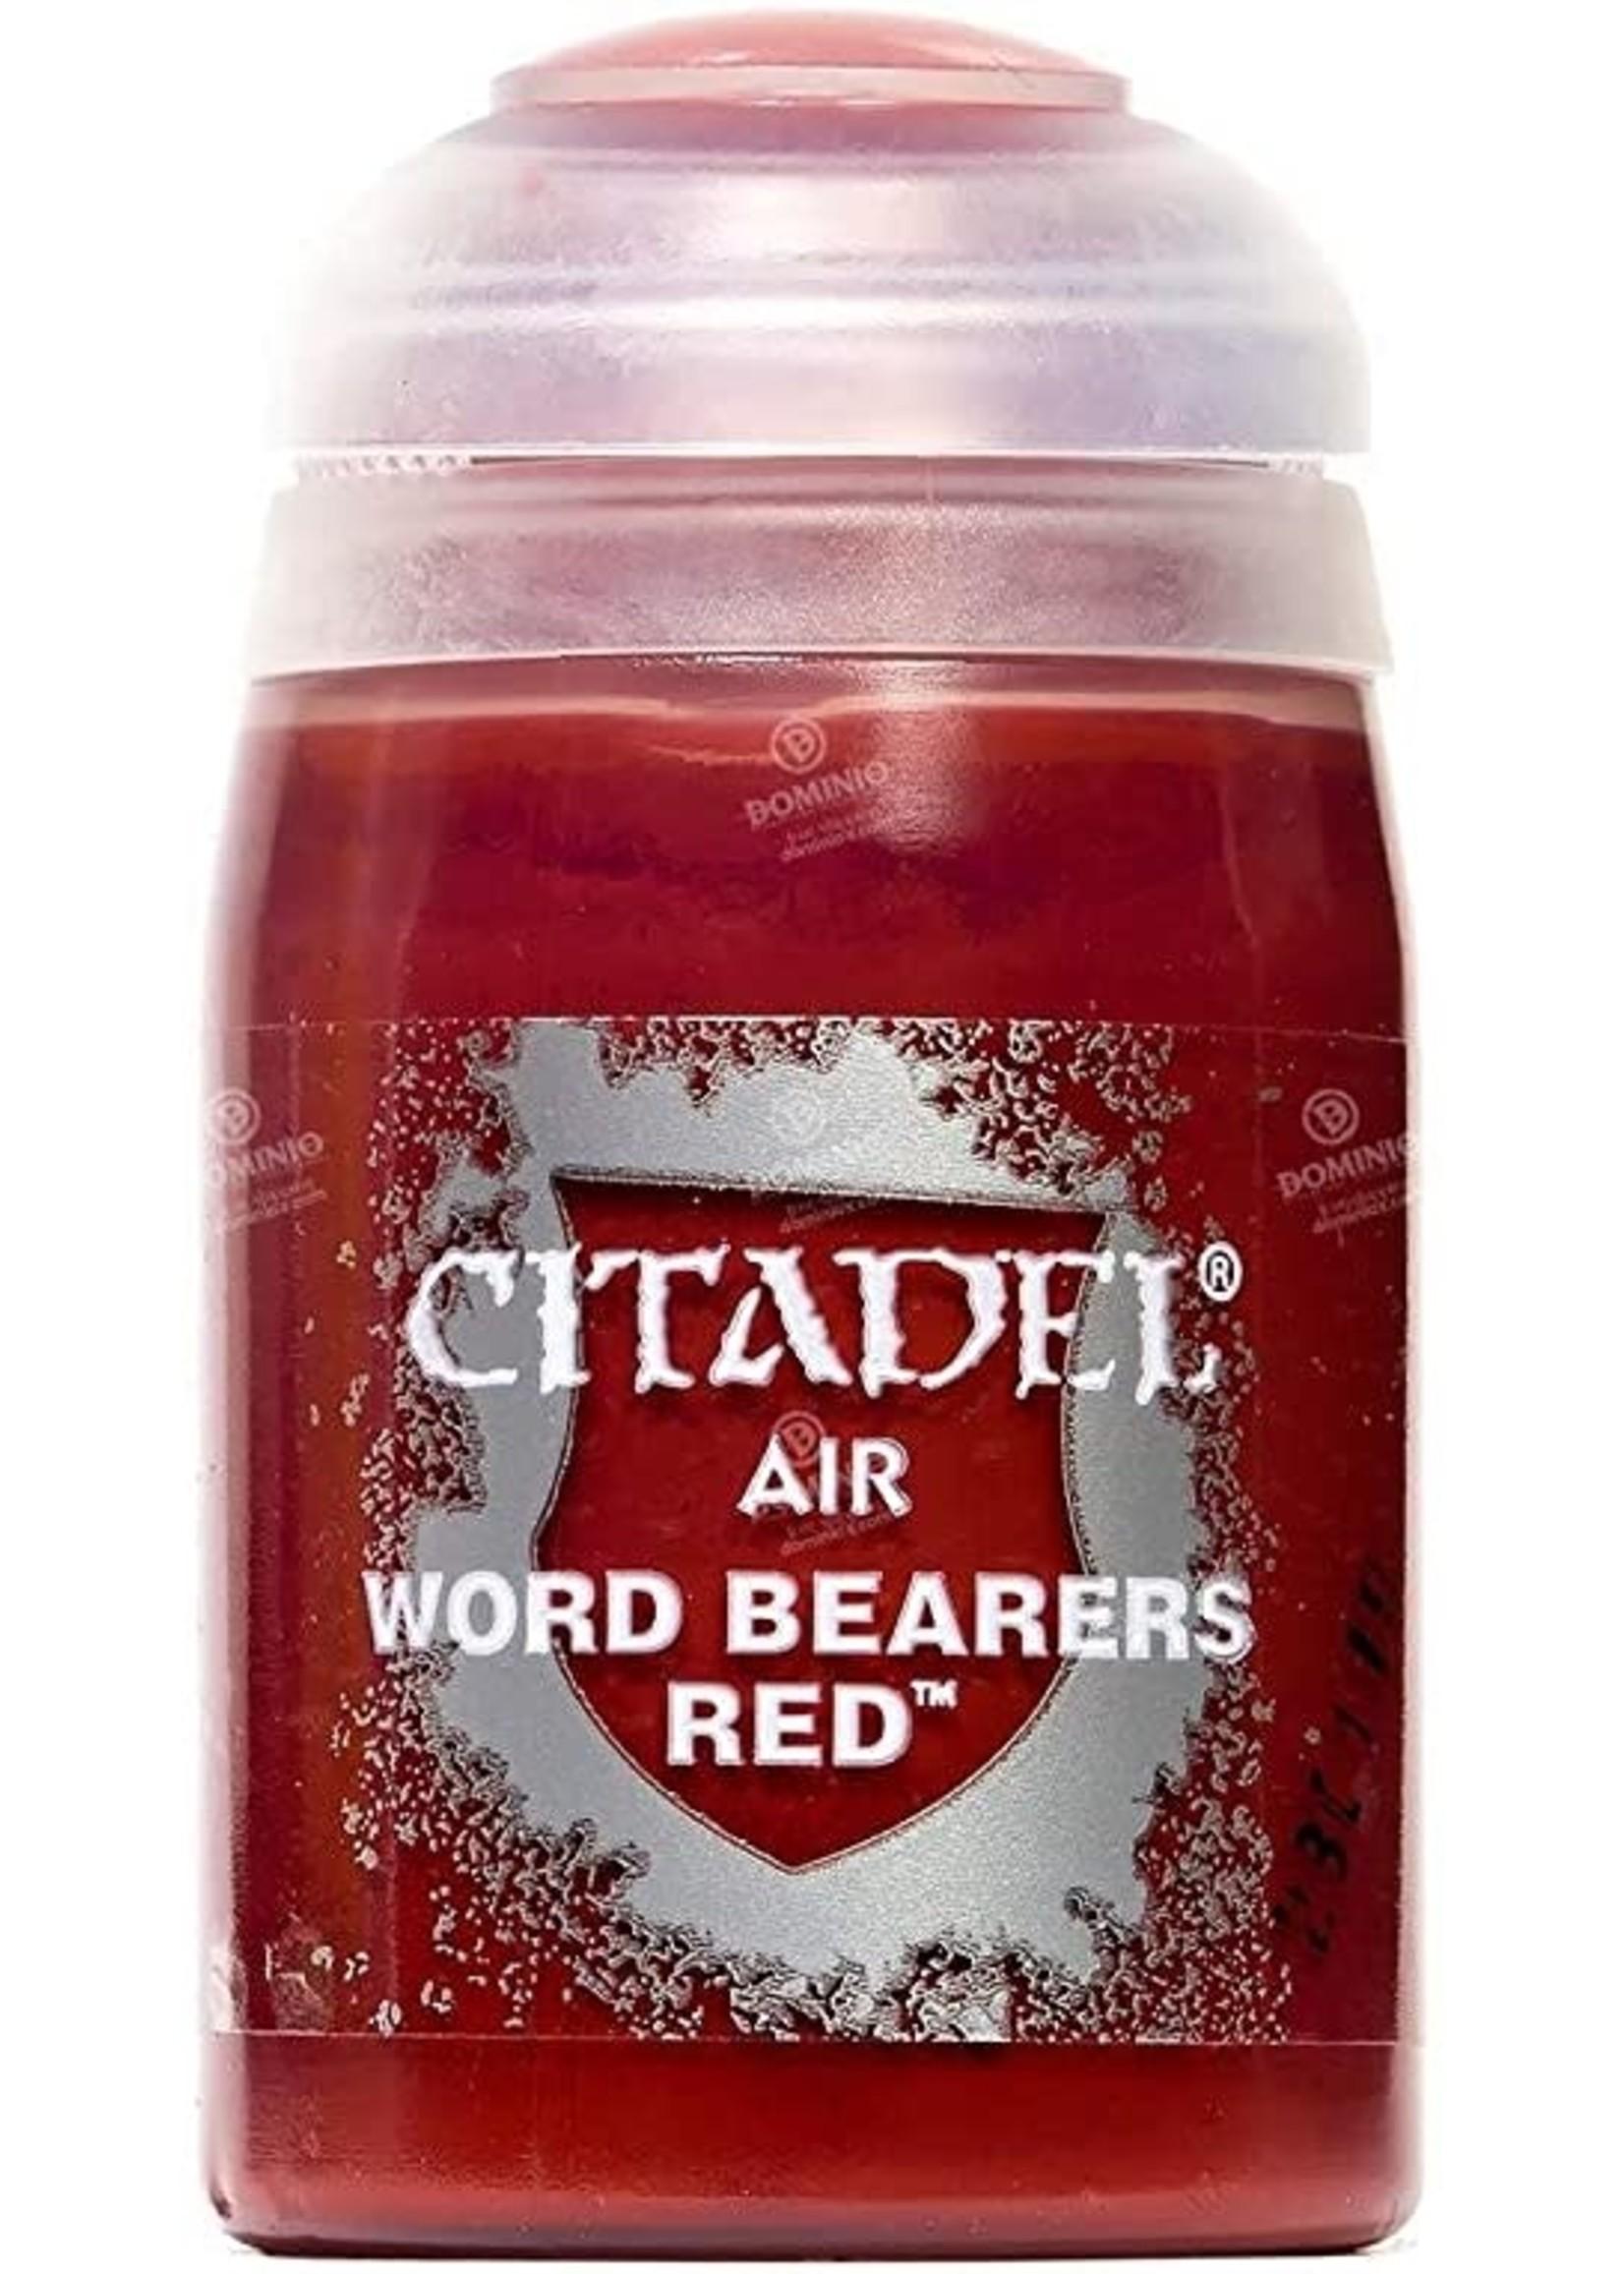 Games Workshop Citadel Paint: Word Bearers Red Air (24 ml)